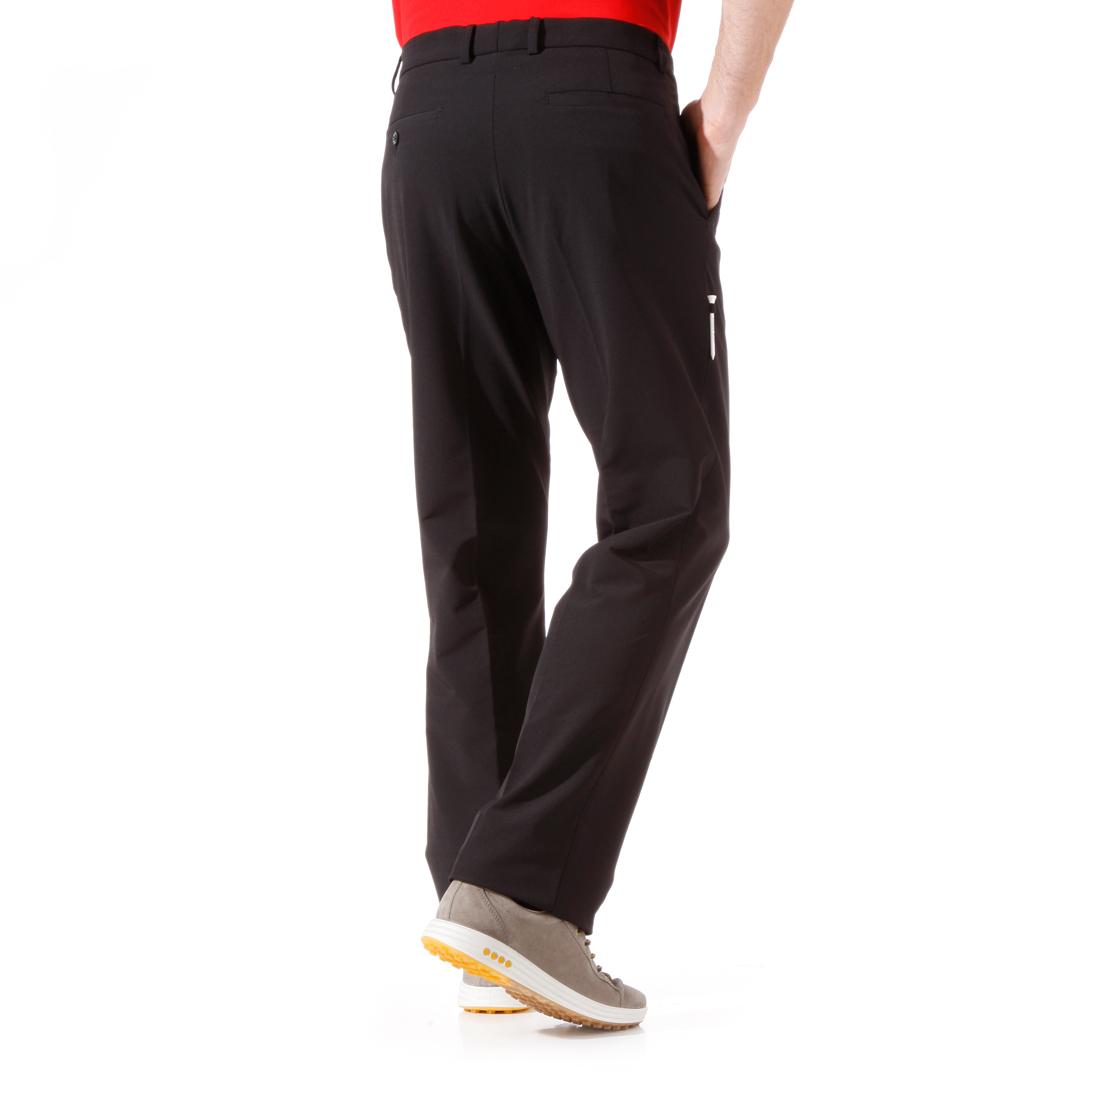 4-Way Stretch-Hose